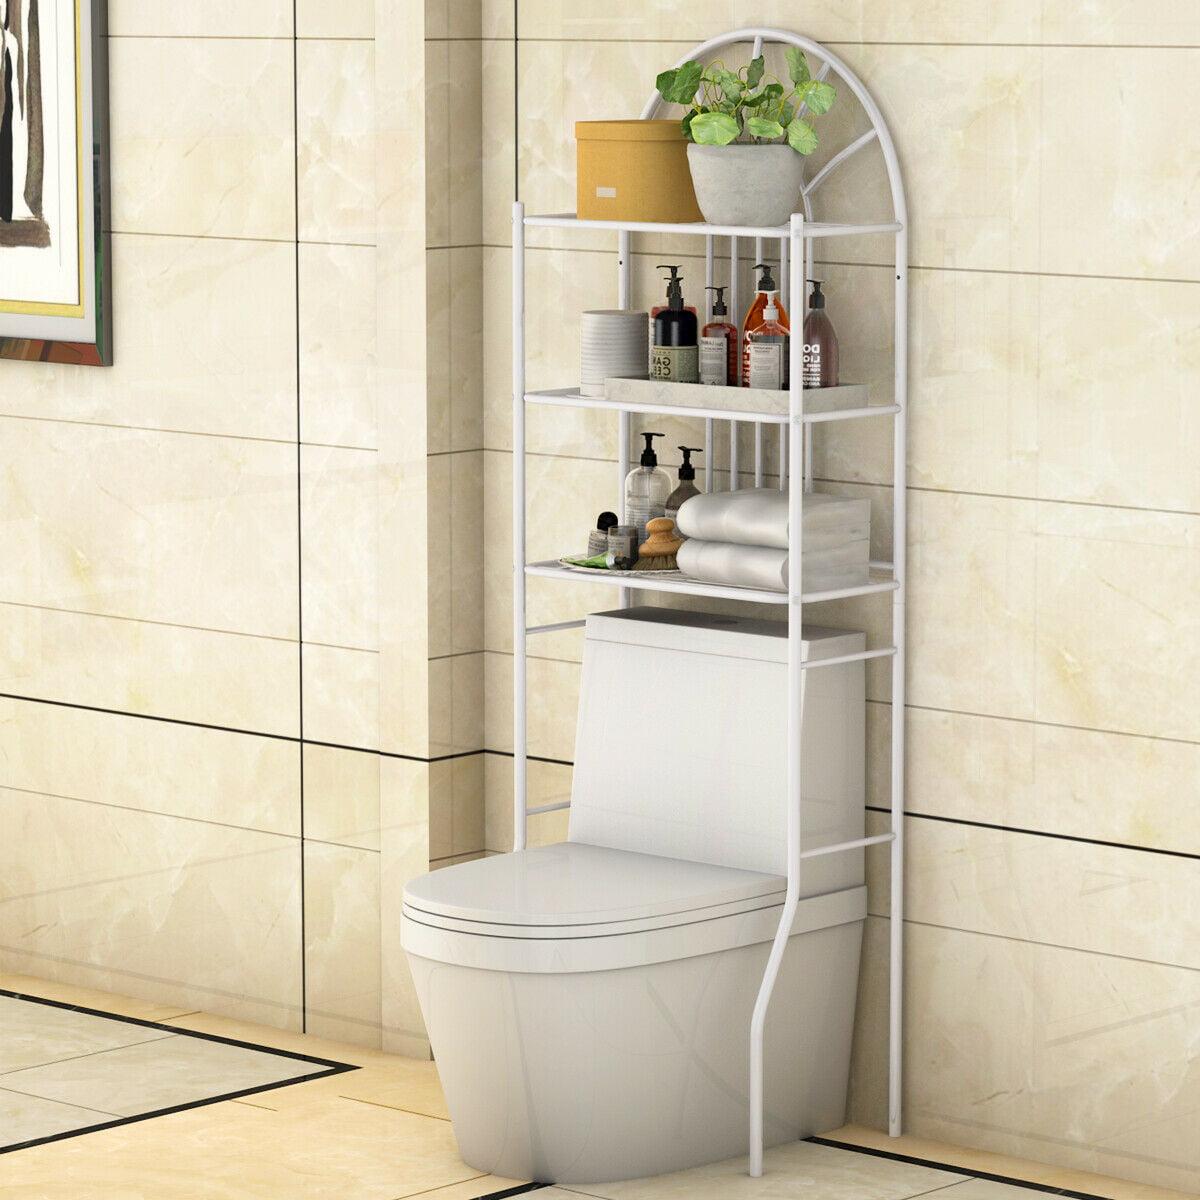 Salle De Bain Et Wc Dans Espace Reduit costway etagère pour toilette etagère wc meuble de rangement dessus wc  salle de bains lave-linge 3 tablettes etagères en métal blanc, 59 x 37 x  173 cm